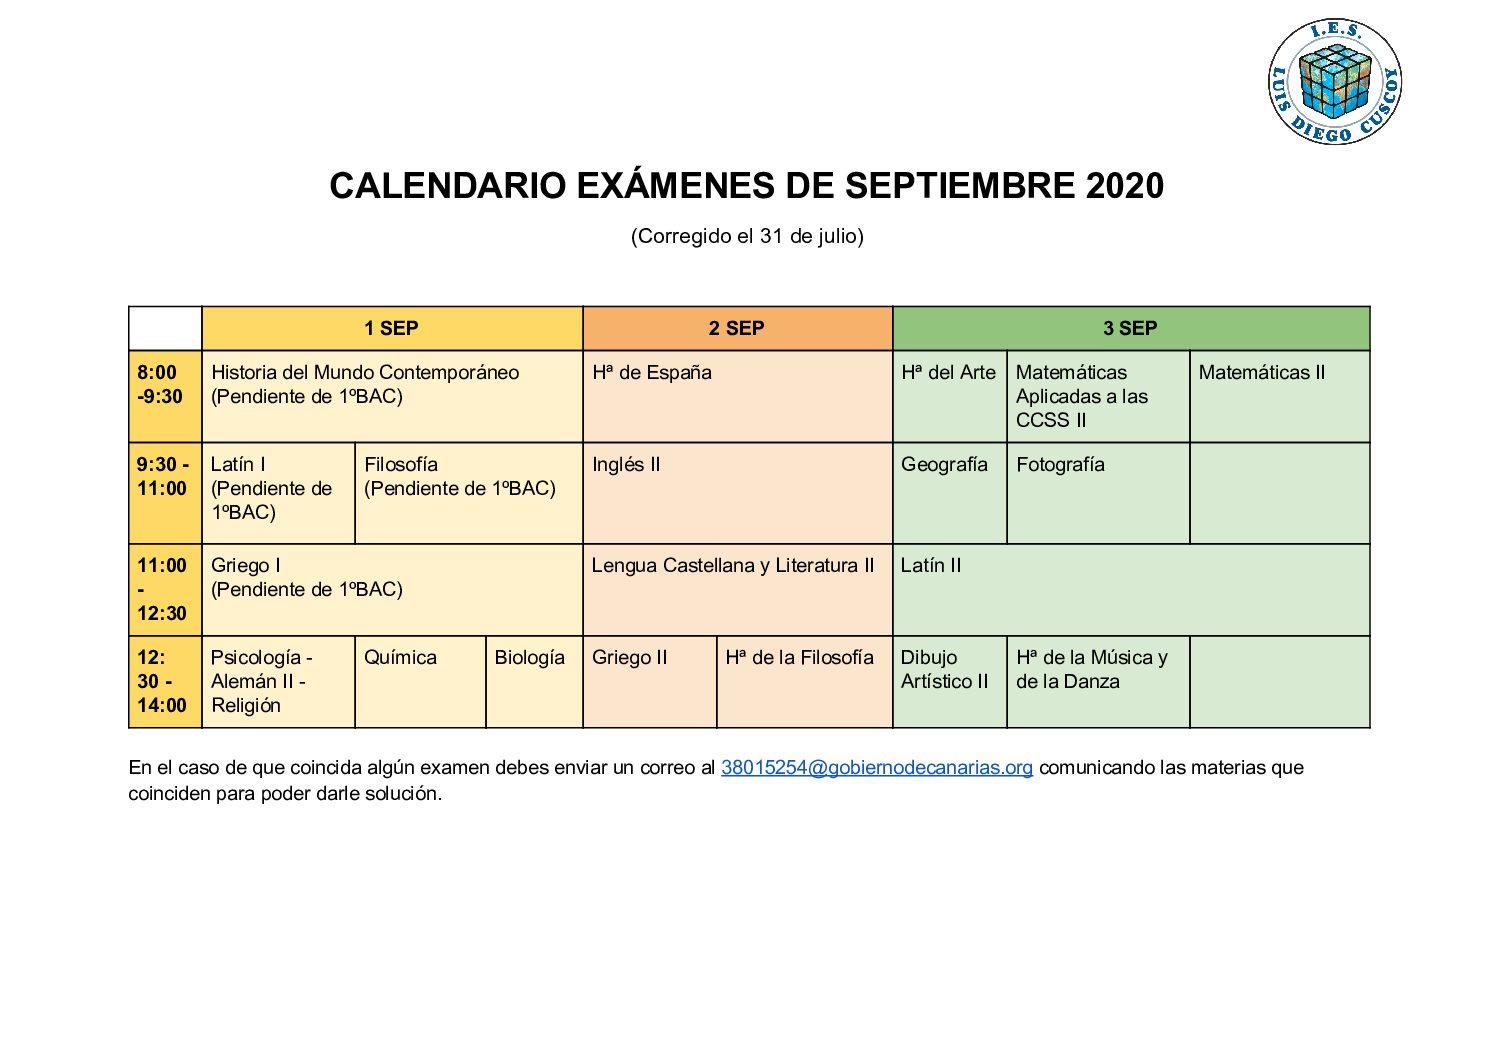 CALENDARIO DE EXÁMENES DE SEPTIEMBRE BACHILLERATO